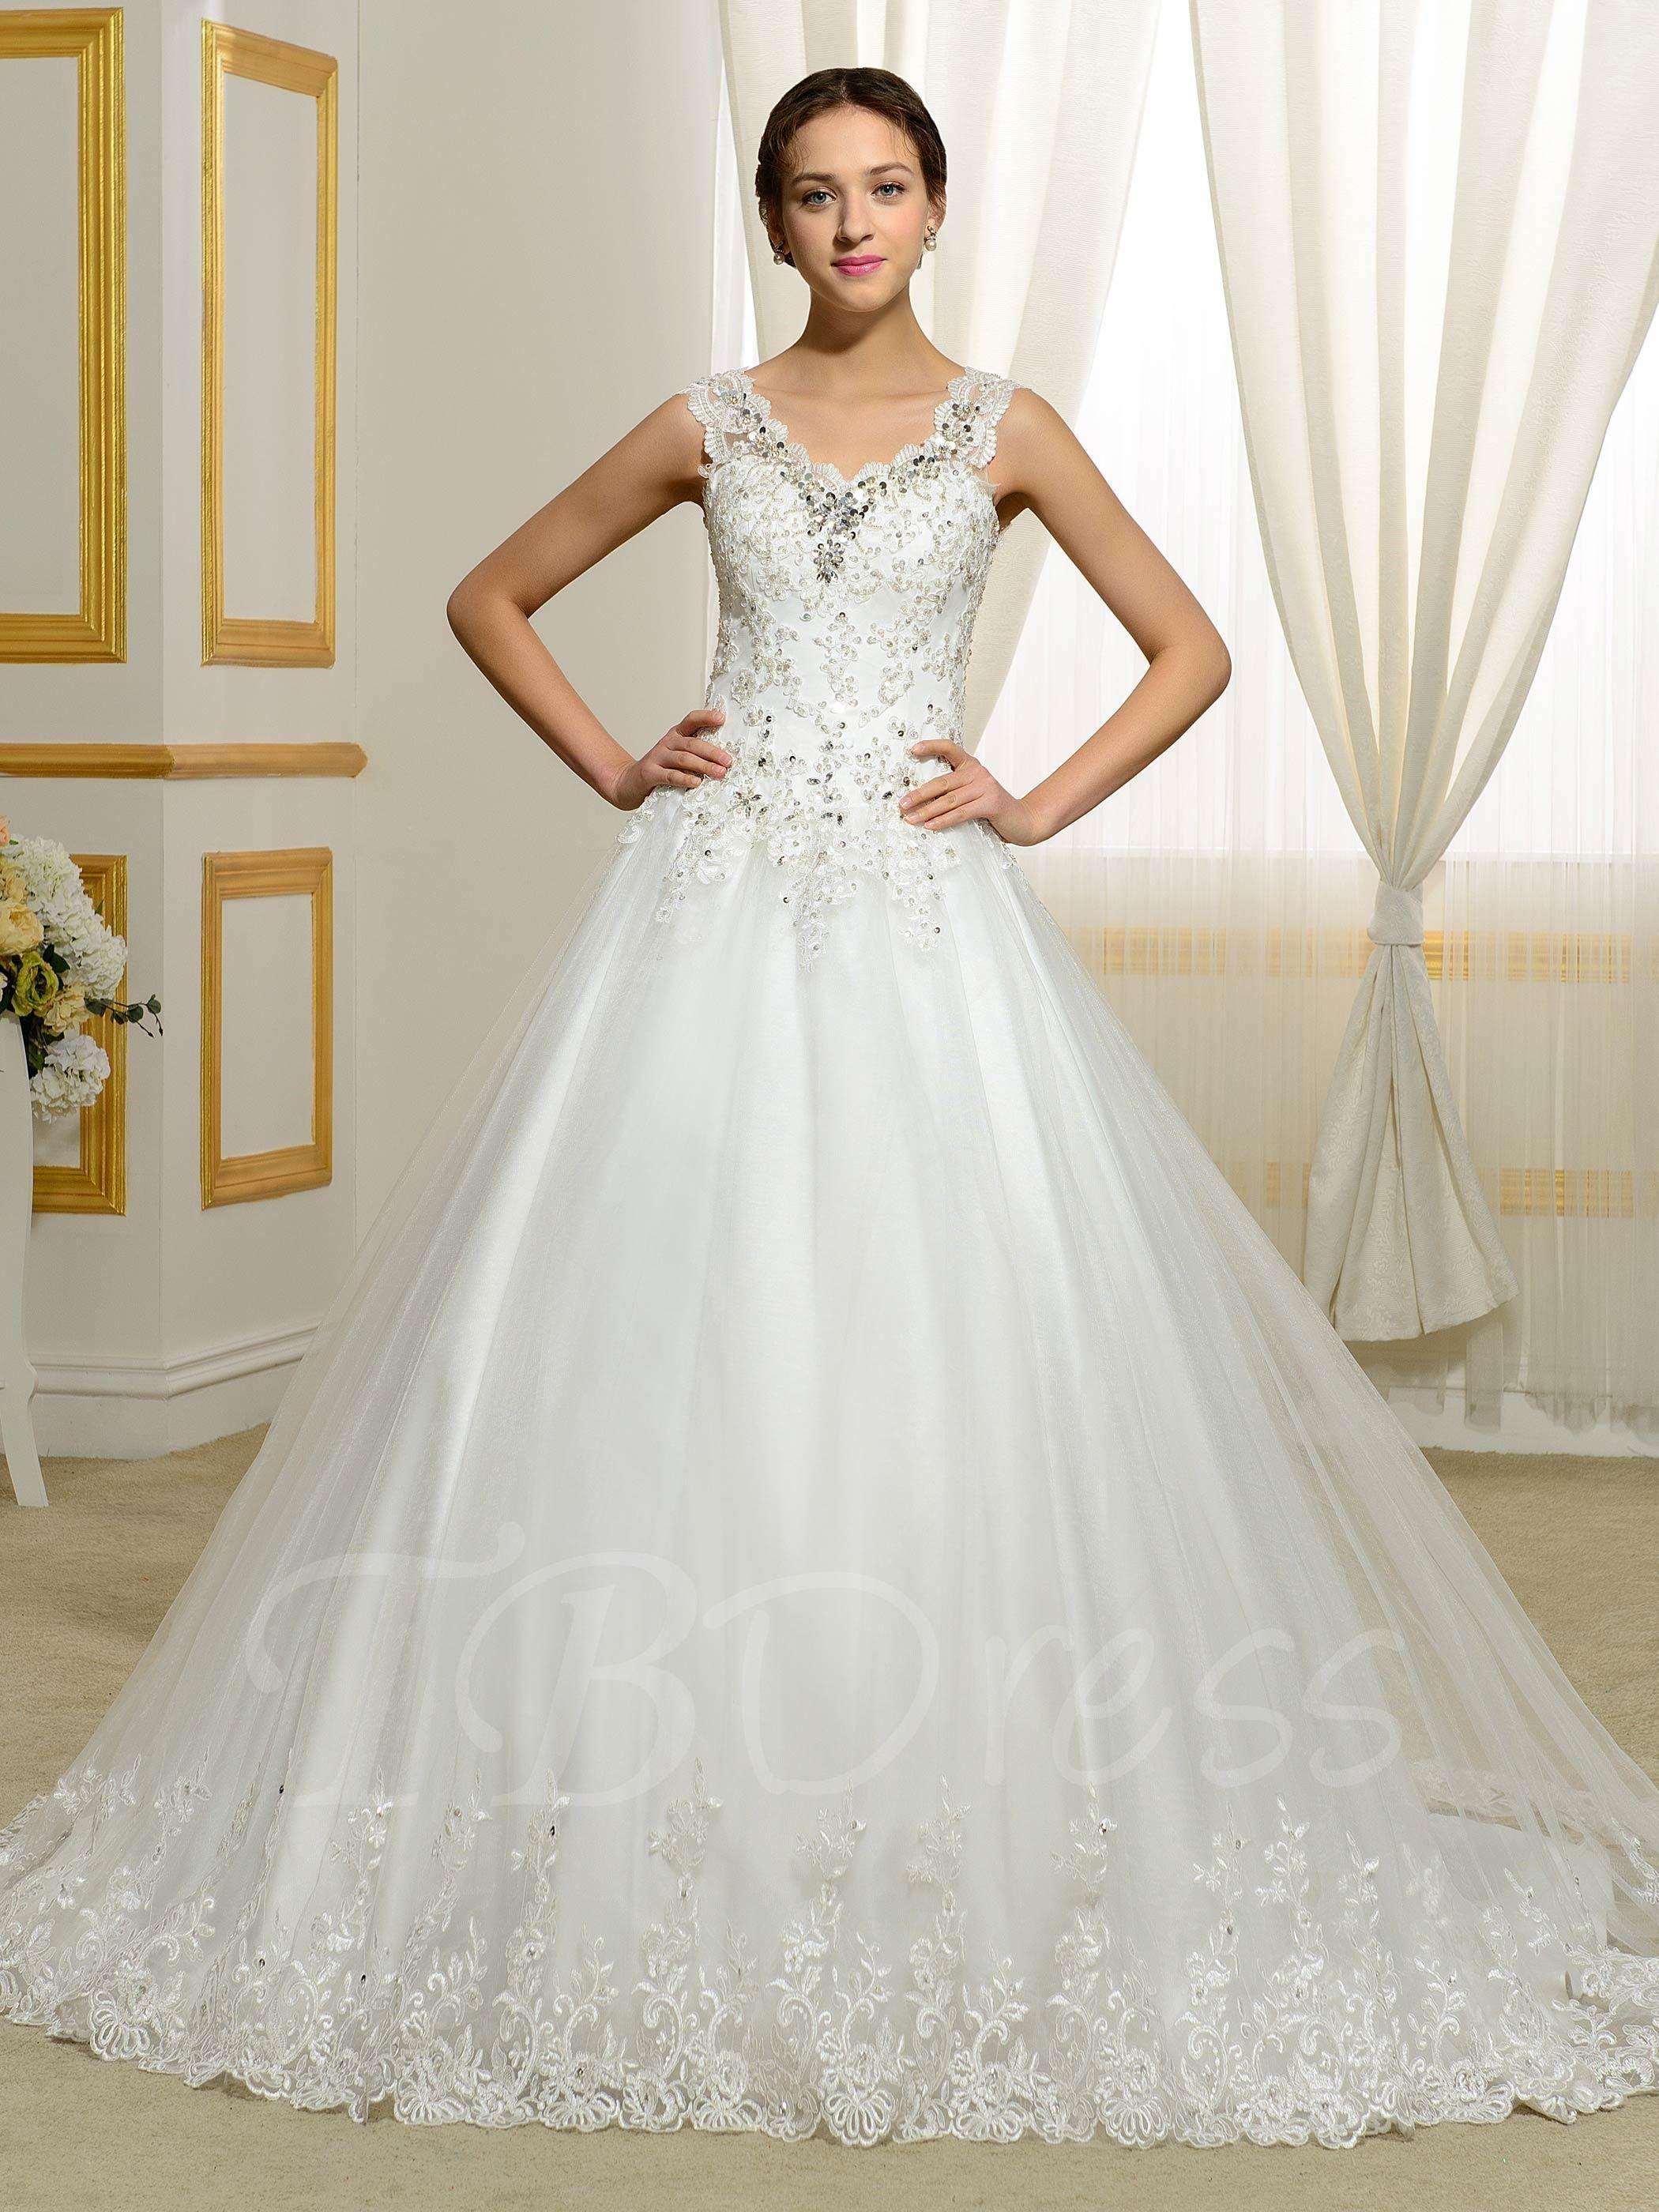 Shop TBDress Appliques Lace Beading Sequins Ball Gown Plus